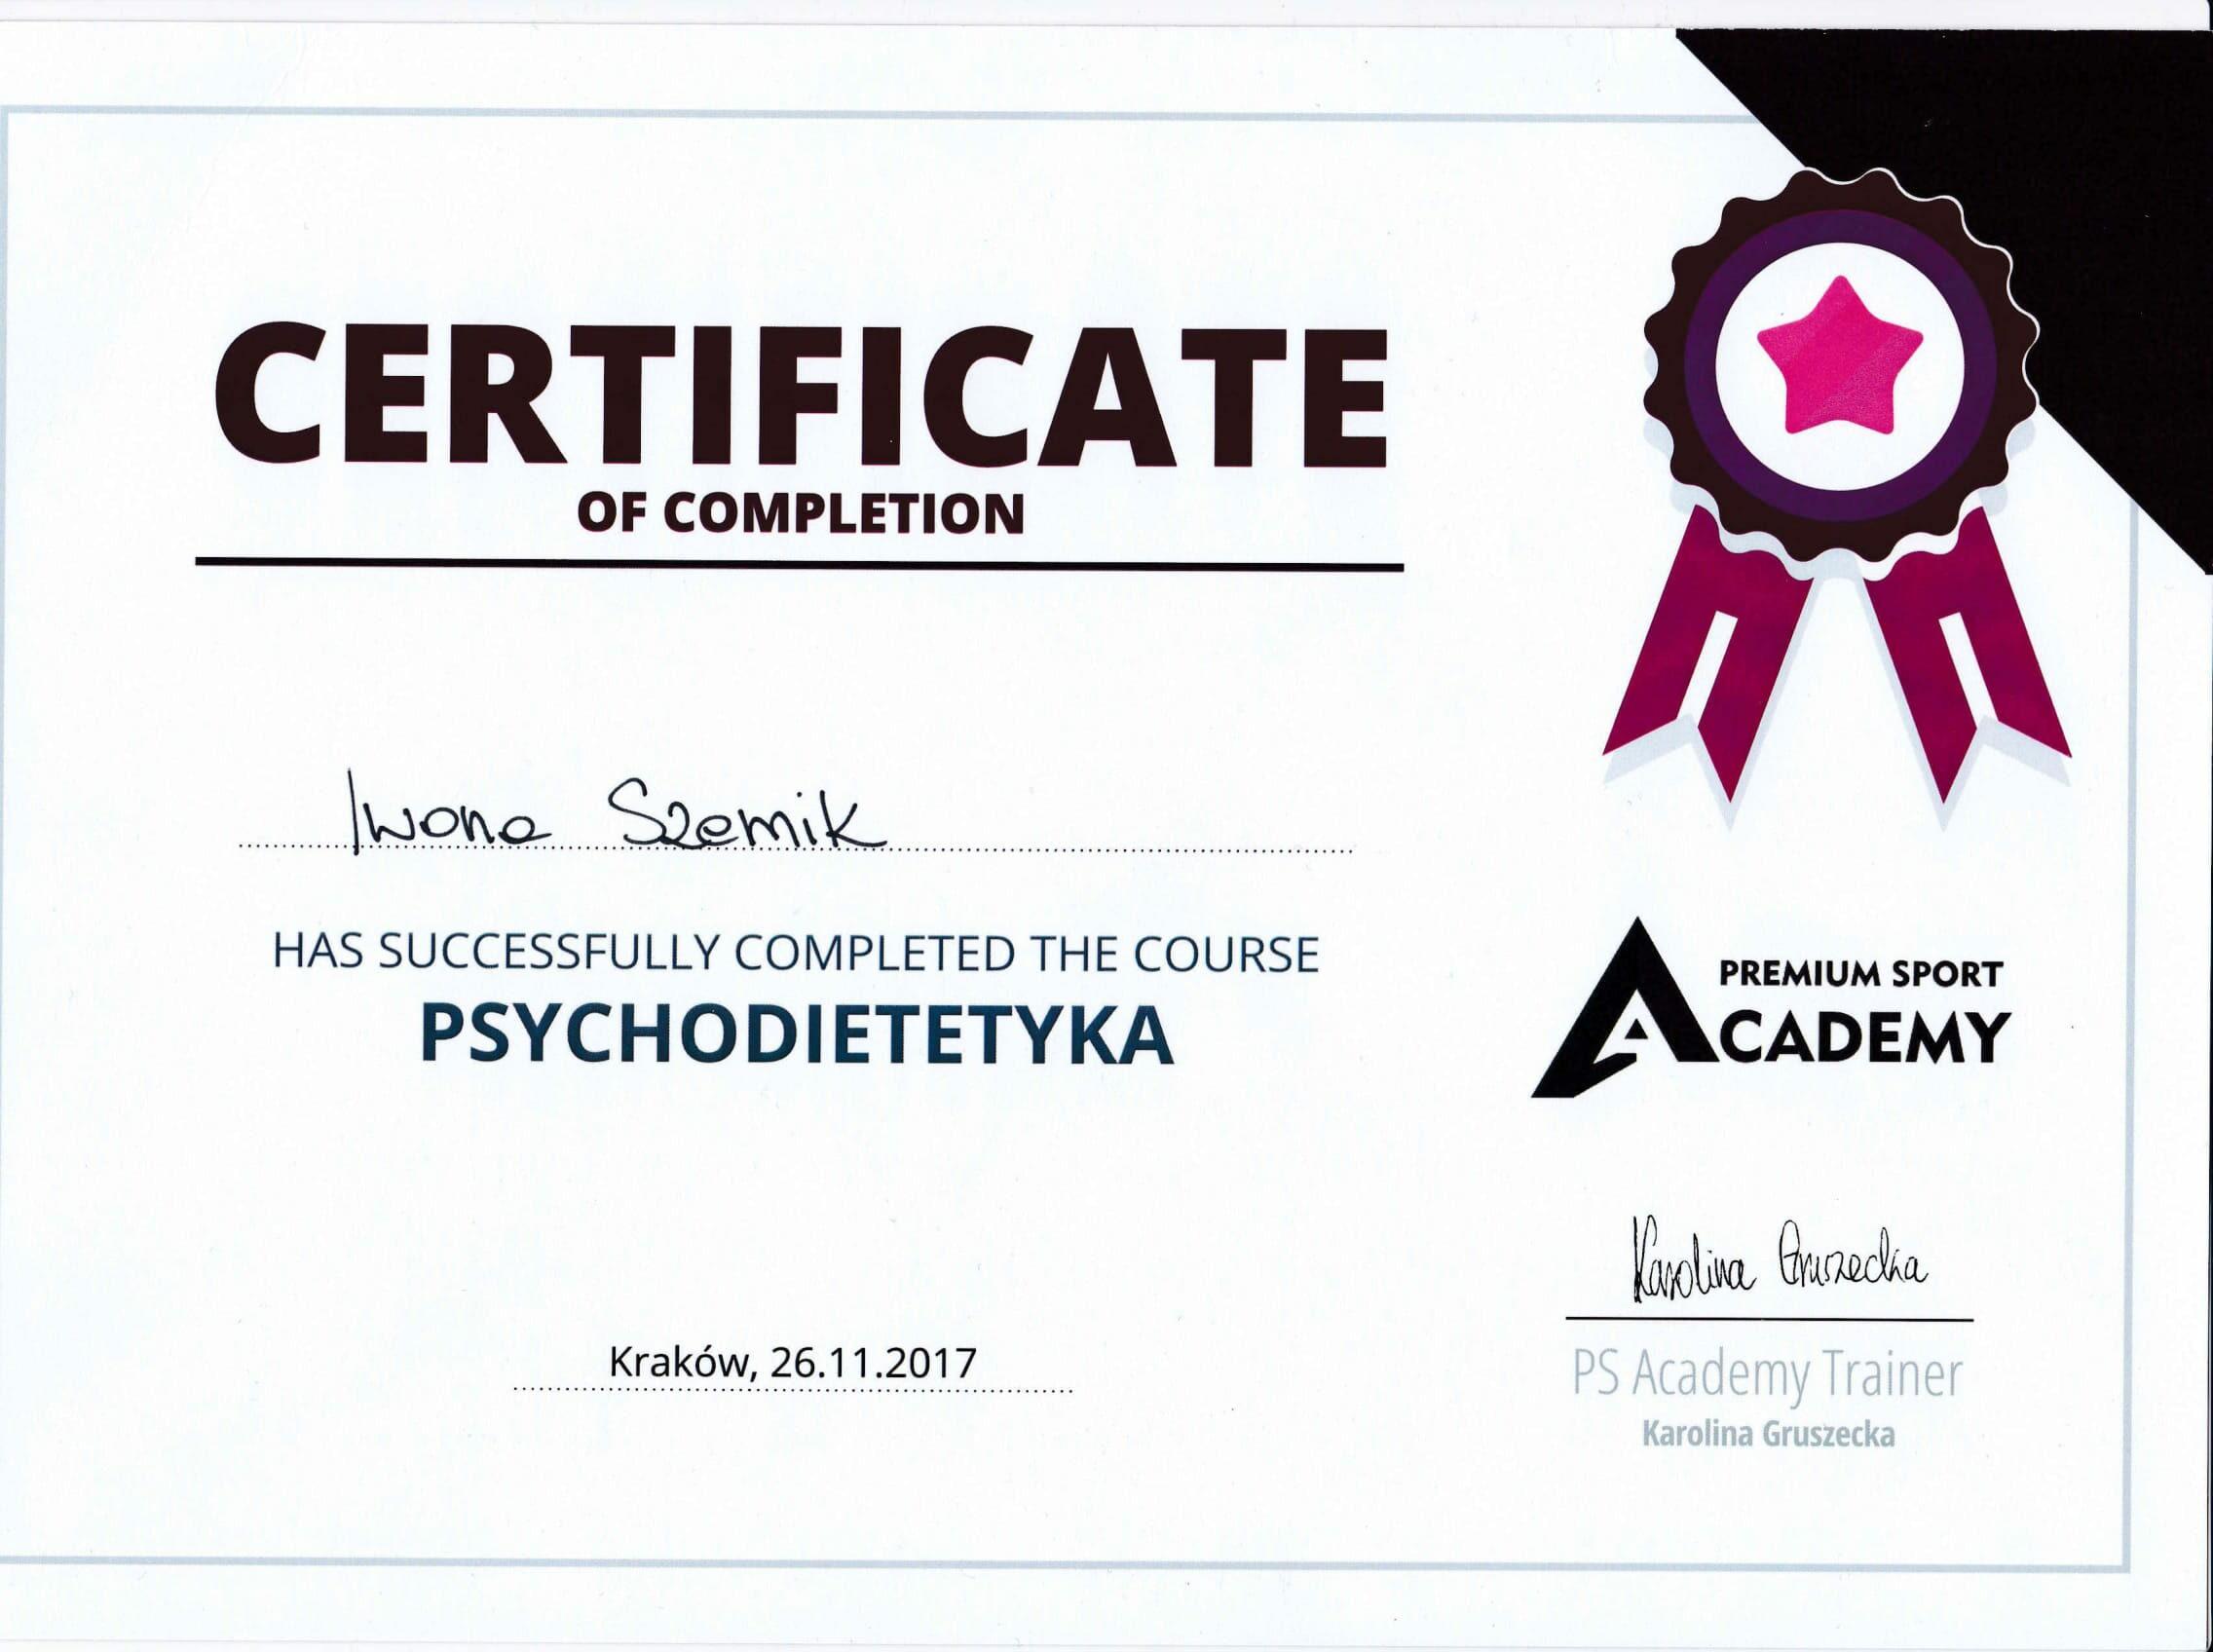 certyfikat-szkolenie-psychodietetyka-iwona-szemik